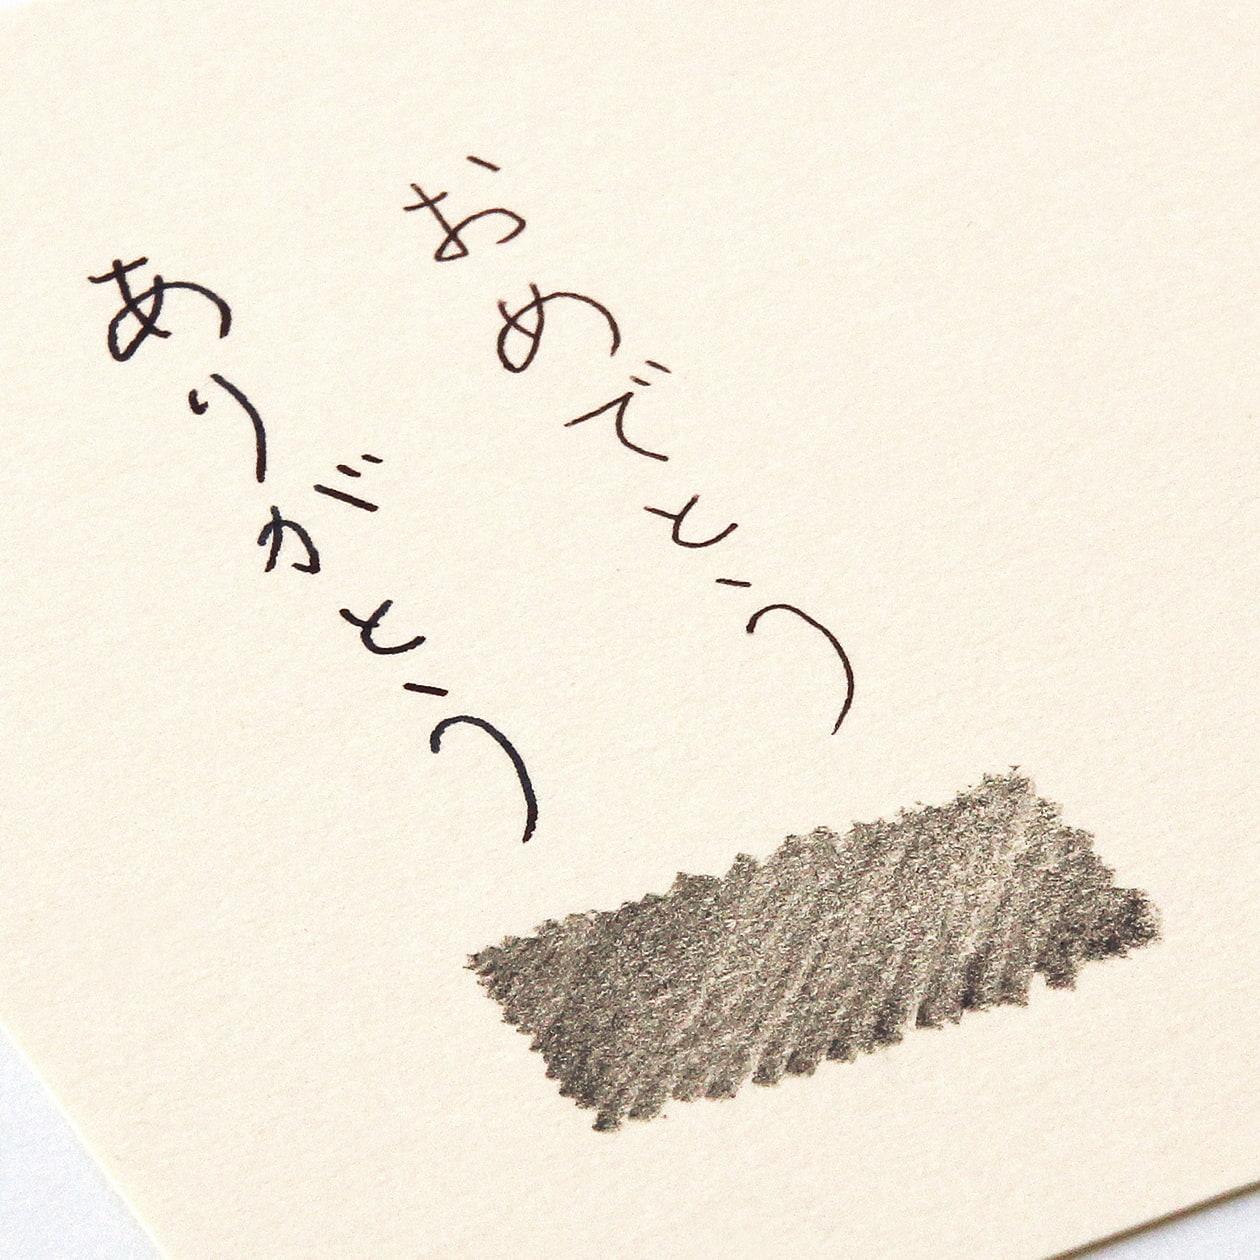 No.57ボーダード Pカード シルバー 232.8g